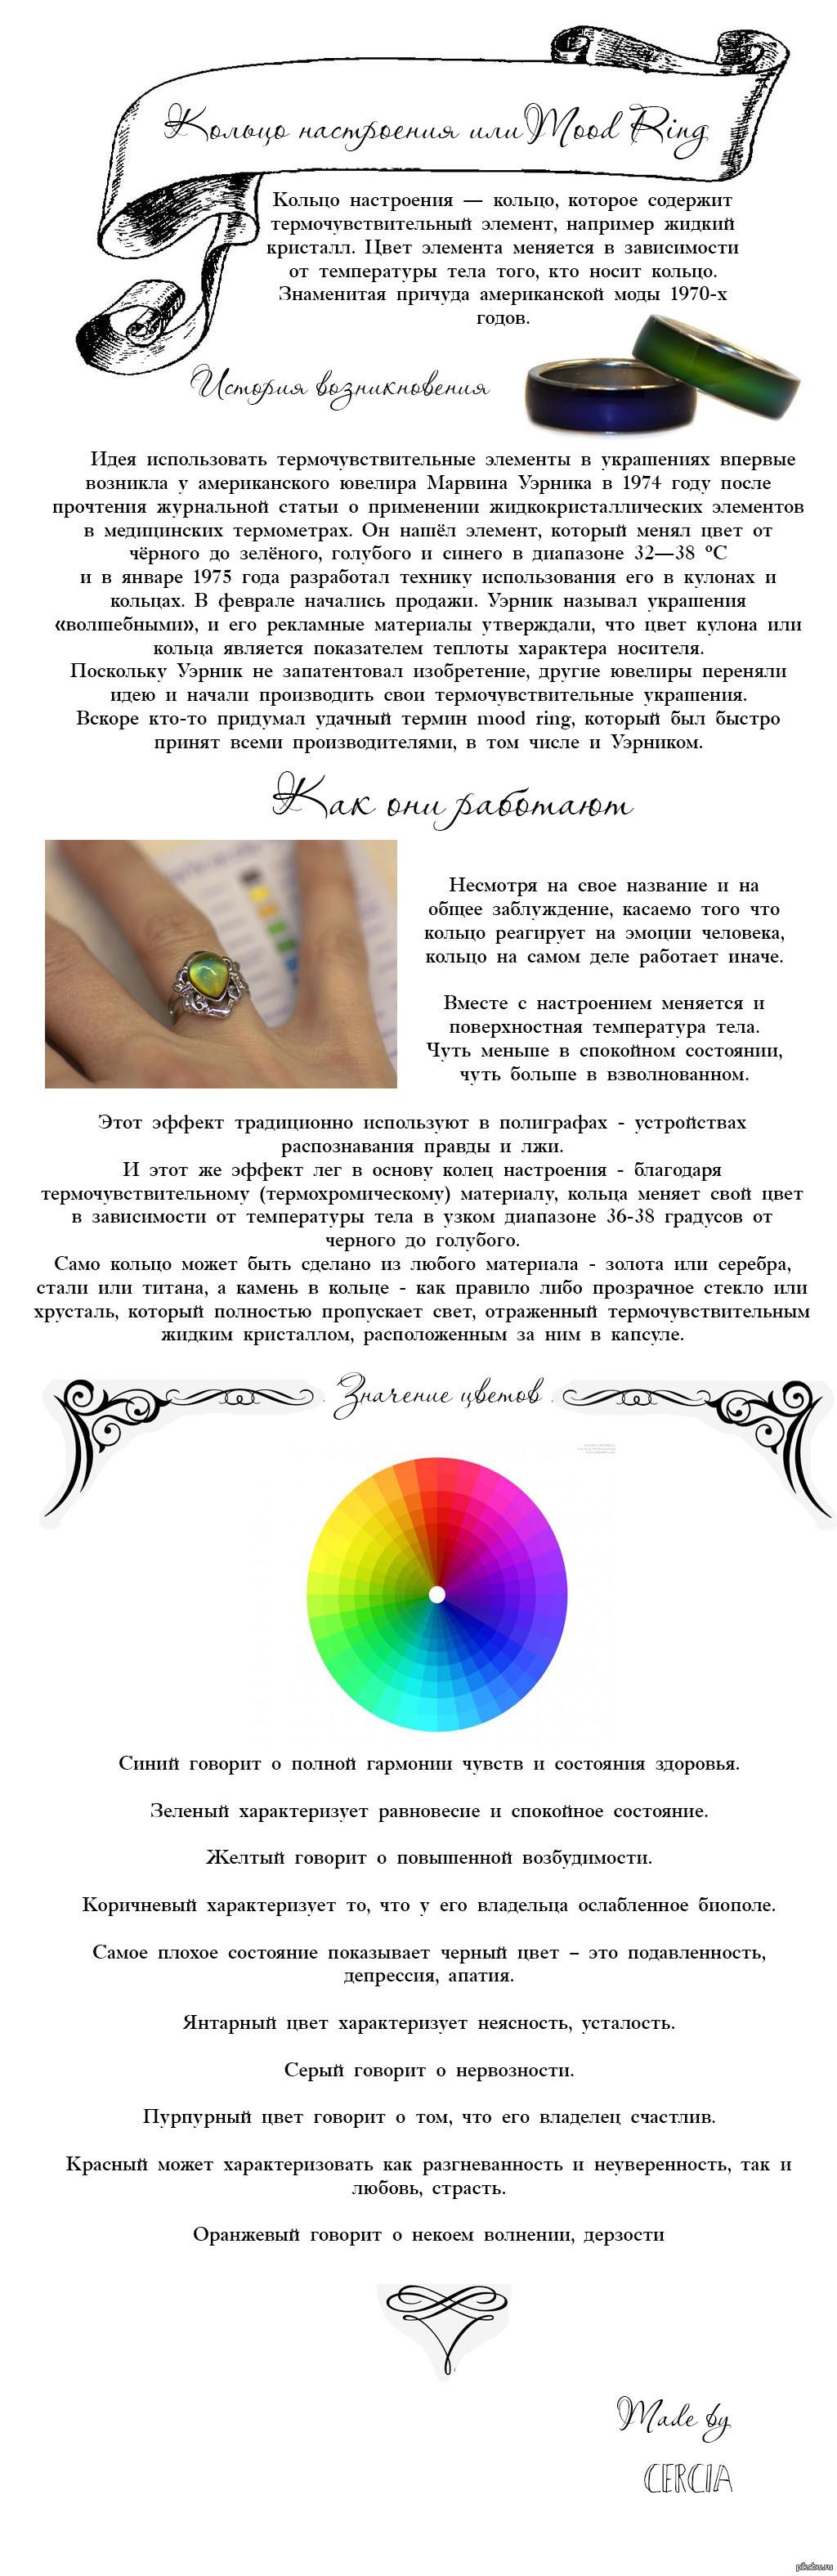 Цвета кольца настроения